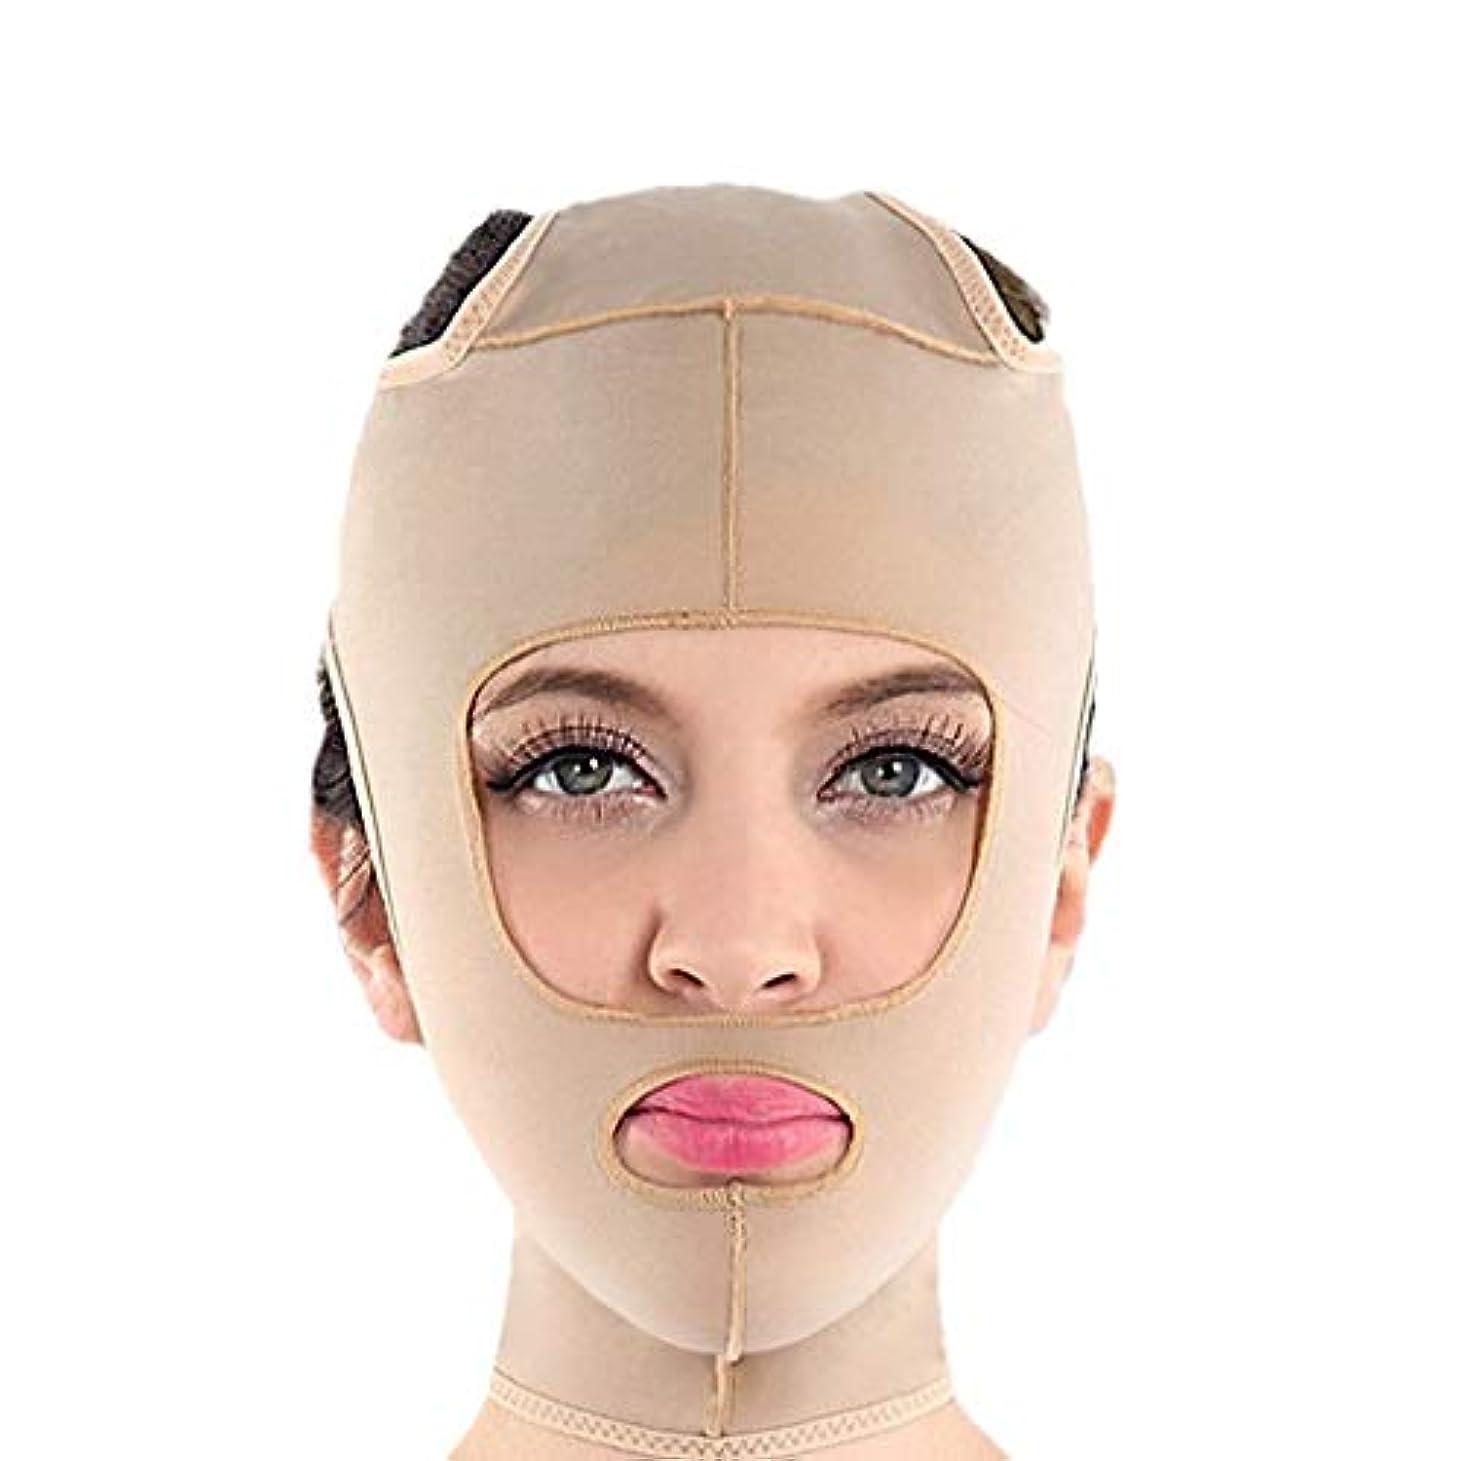 フェイスリフティング、ダブルチンストラップ、フェイシャル減量マスク、ダブルチンを減らすリフティングヌードル、ファーミングフェイス、パワフルリフティングマスク(サイズ:M),S